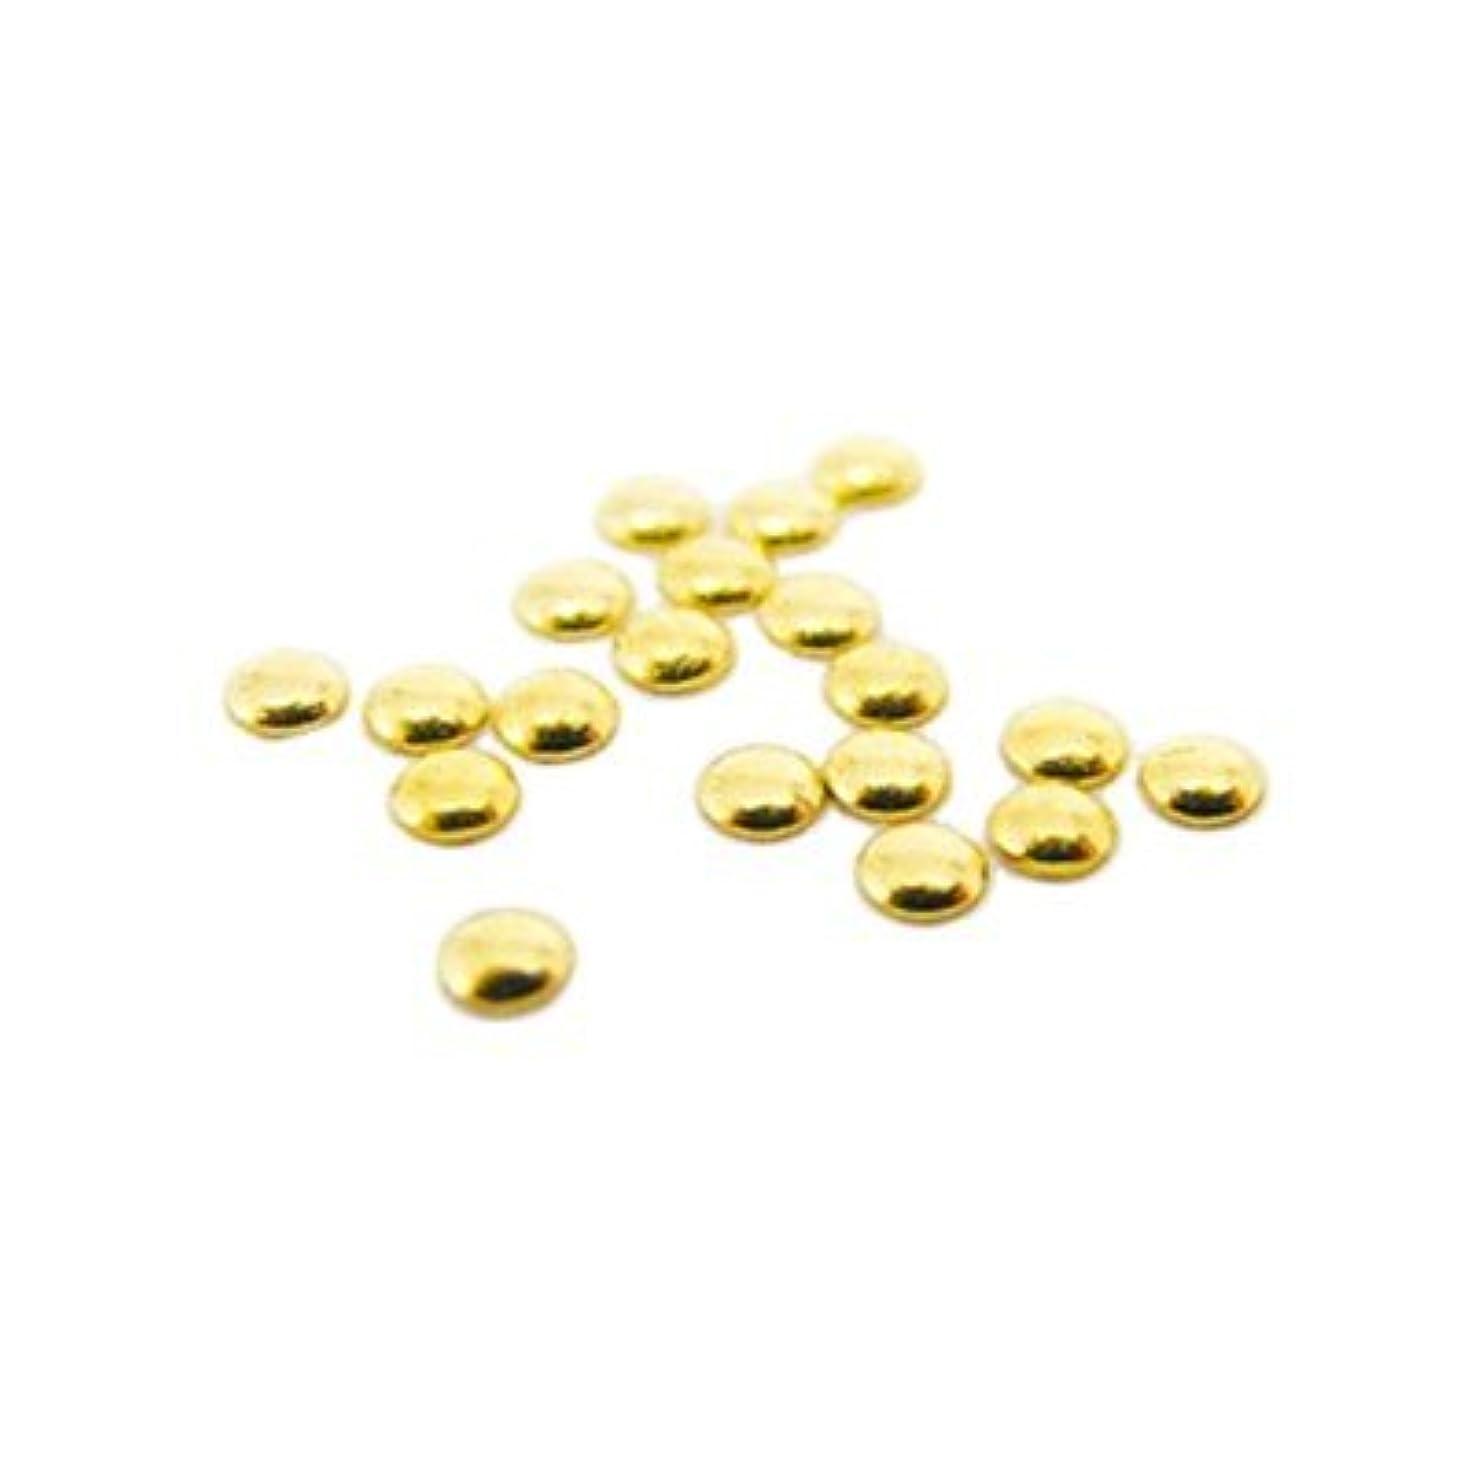 建築家音声素晴らしいピアドラ スタッズ 1.2mm 100P ゴールド